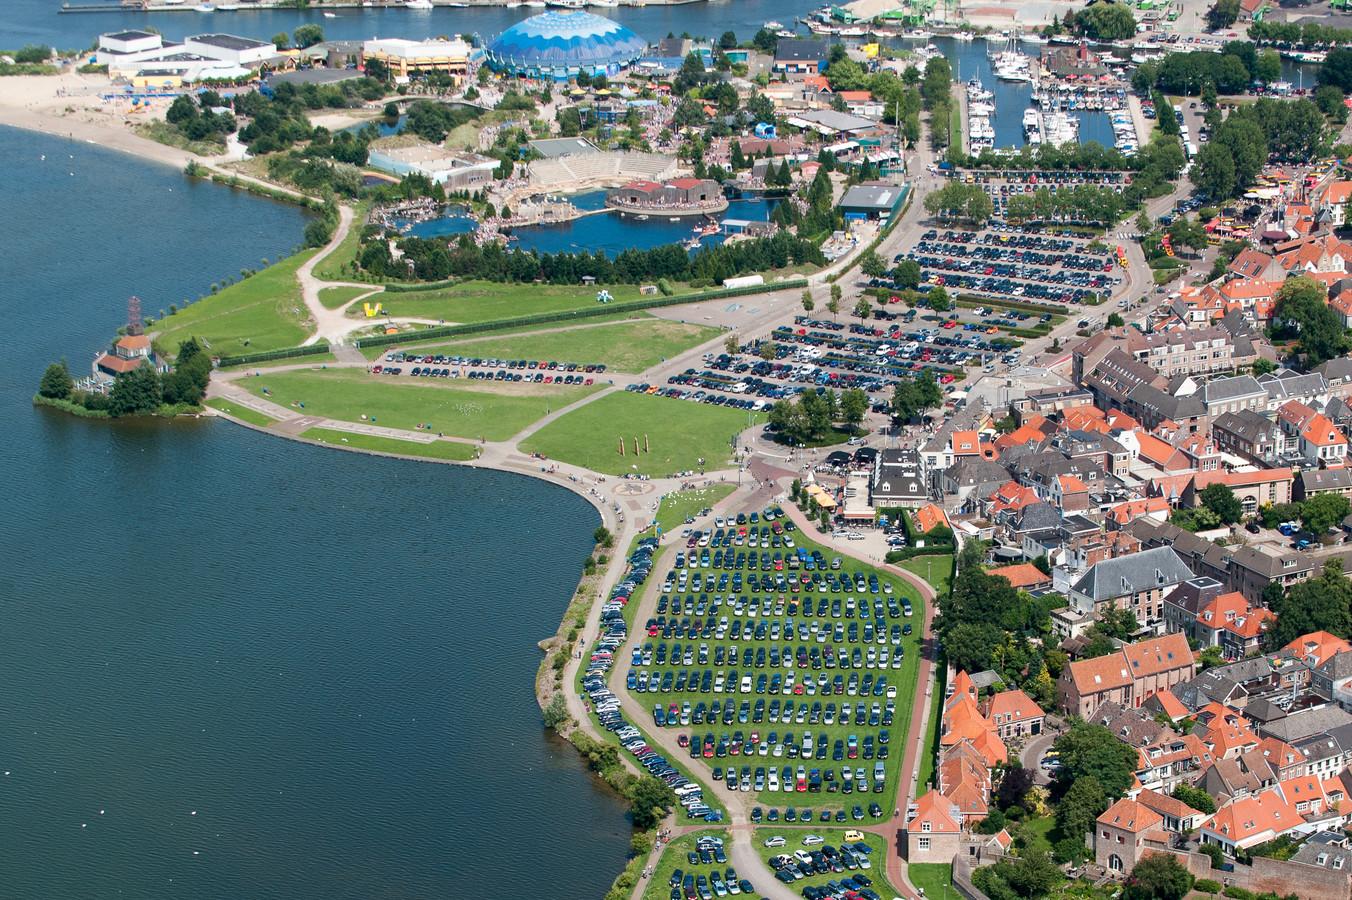 2010: De boulevard van Harderwijk is volledig op de schop gegaan. Zie de verschillen. Boven: de situatie in 2010. Onder: de huidige situatie. Morgen wordt de vernieuwde boulevard officieel geopend.